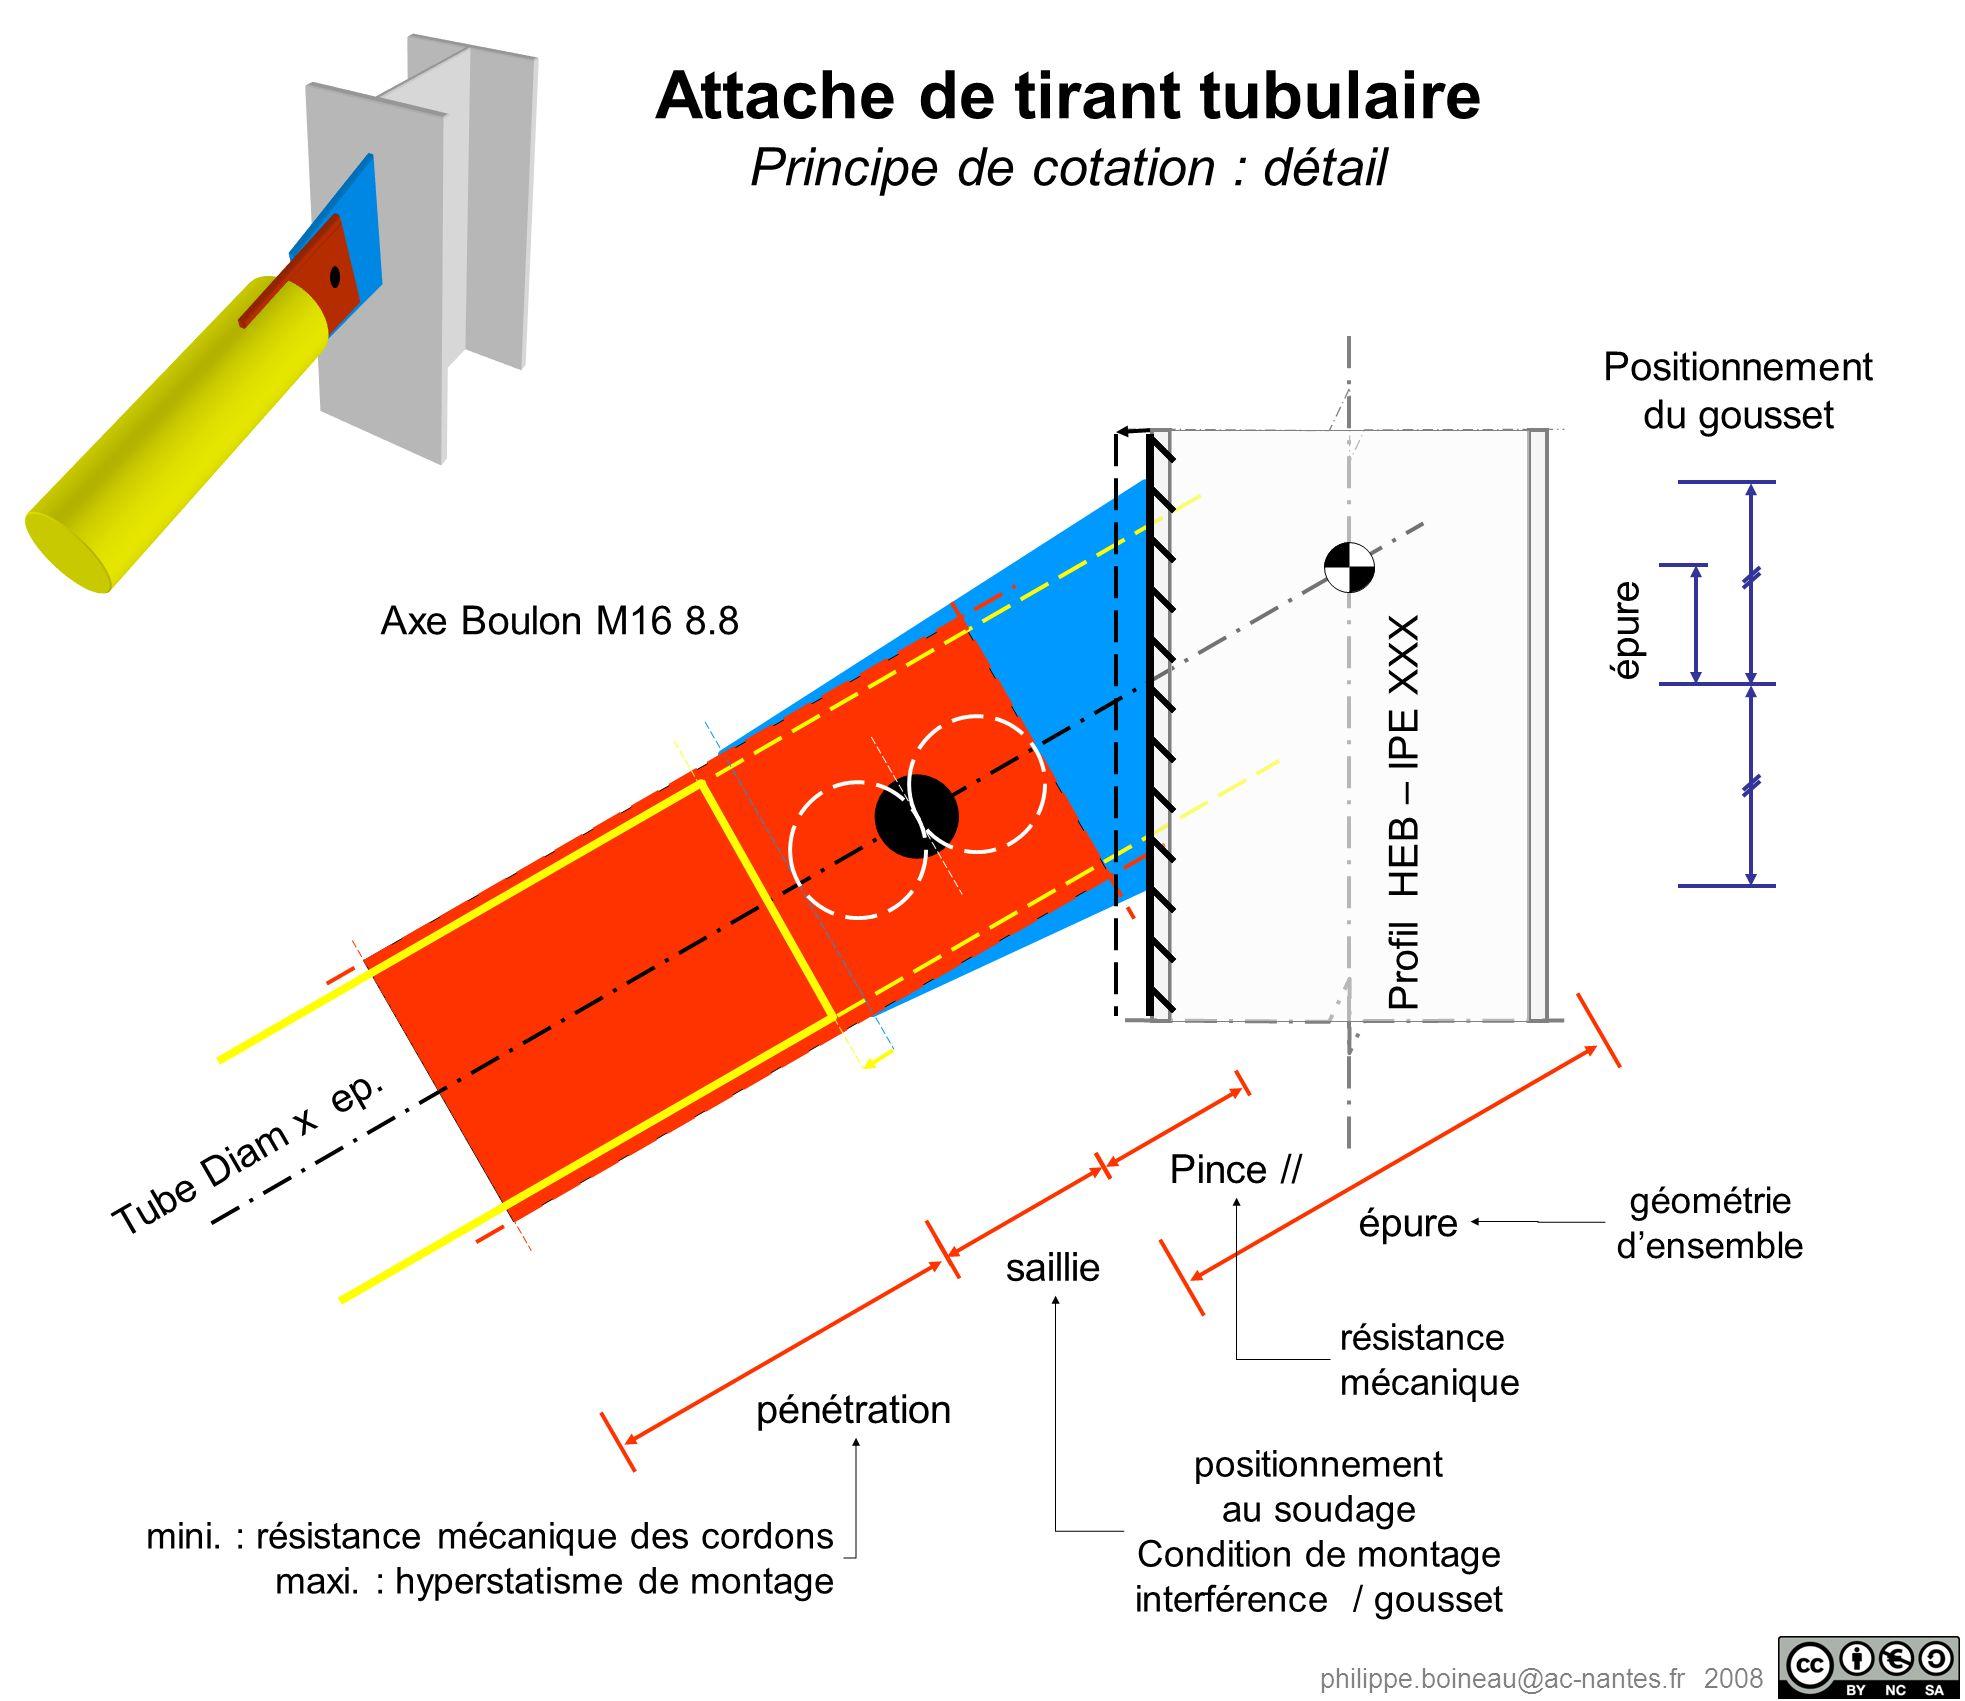 philippe.boineau@ac-nantes.fr 2008 Attache de tirant tubulaire Principe de cotation : détail pénétration épure Pince // saillie Profil HEB – IPE XXX T